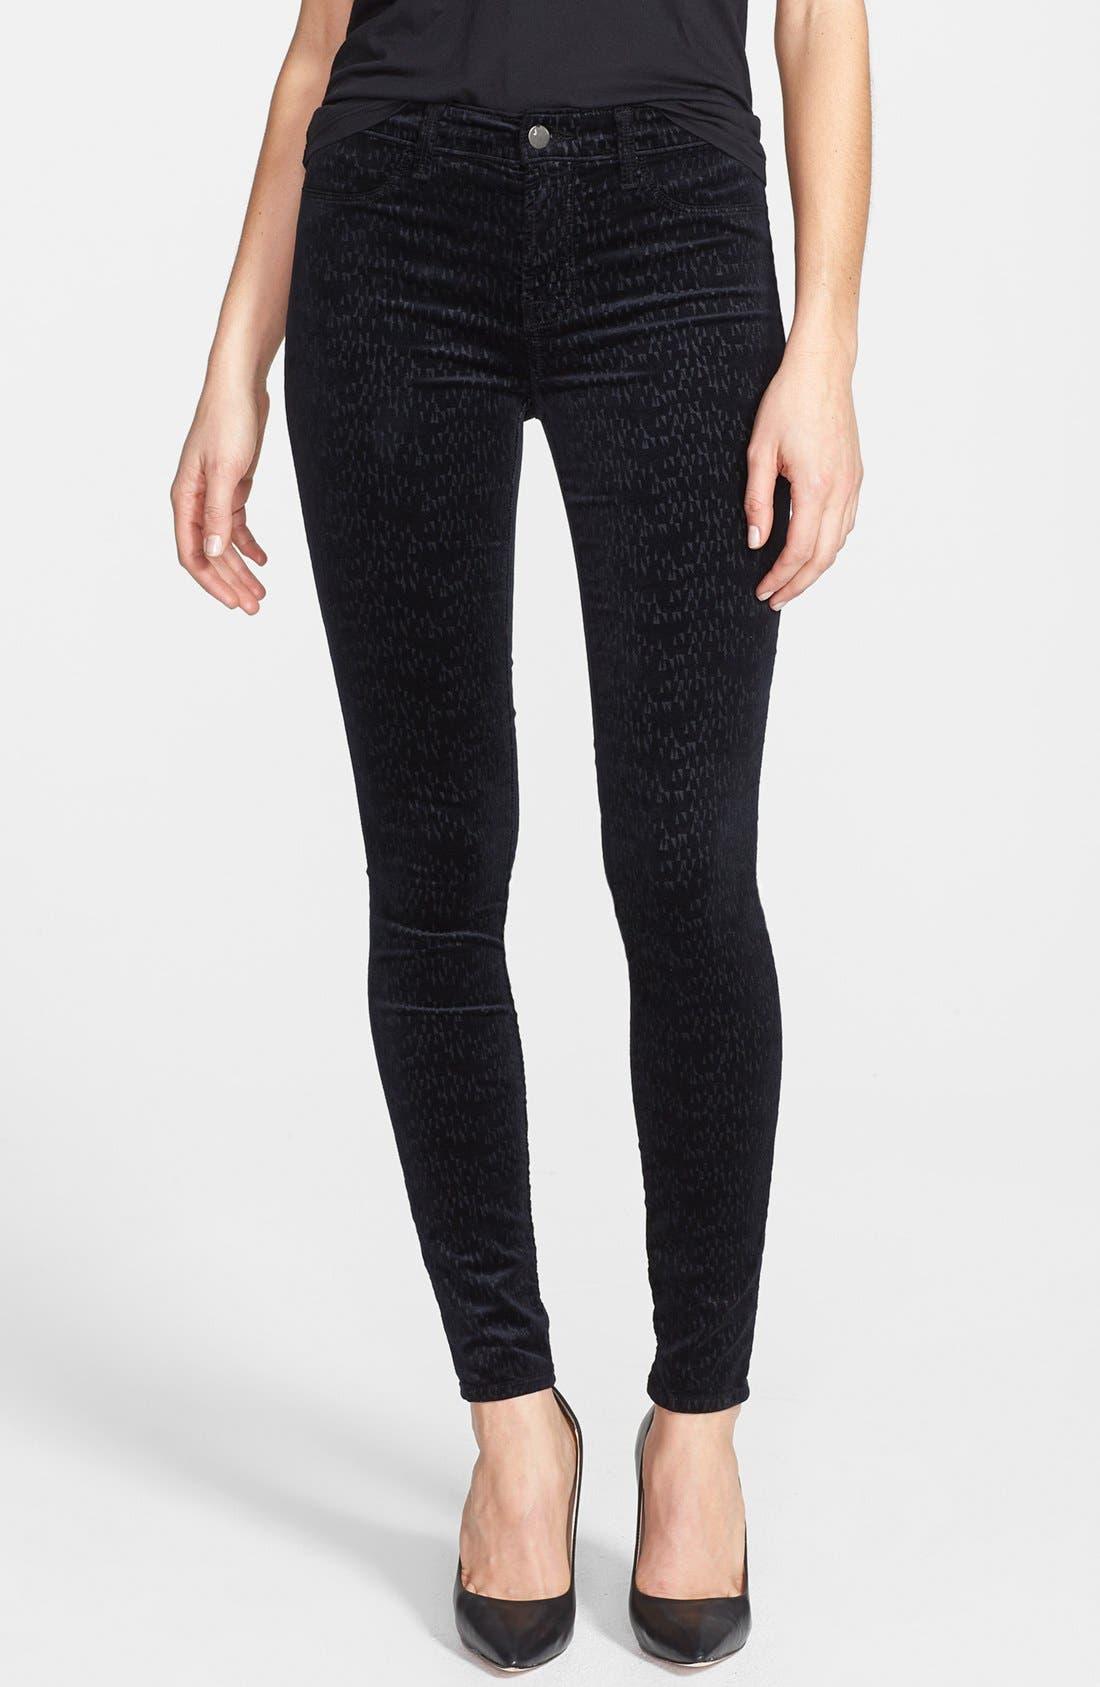 Main Image - J Brand '815' Patterned Velvet Skinny Jeans